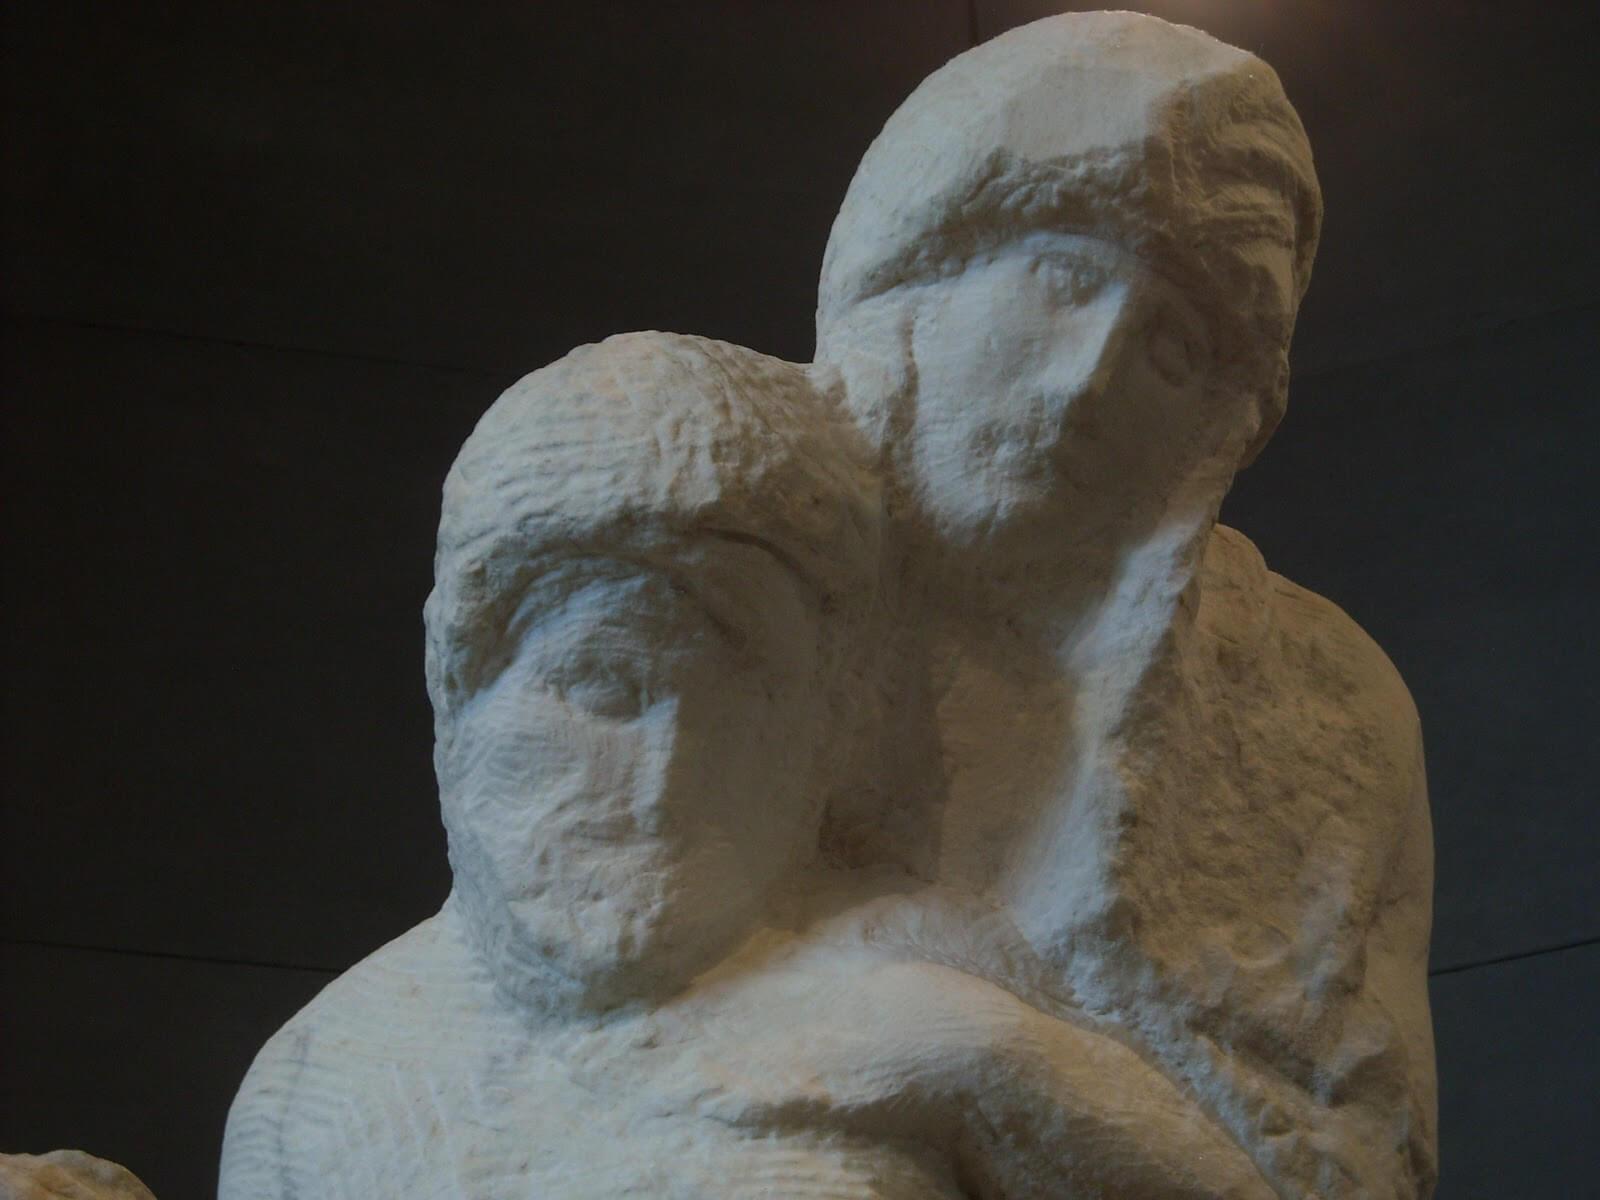 La Pietá de Miguel Ángel Buonarroti